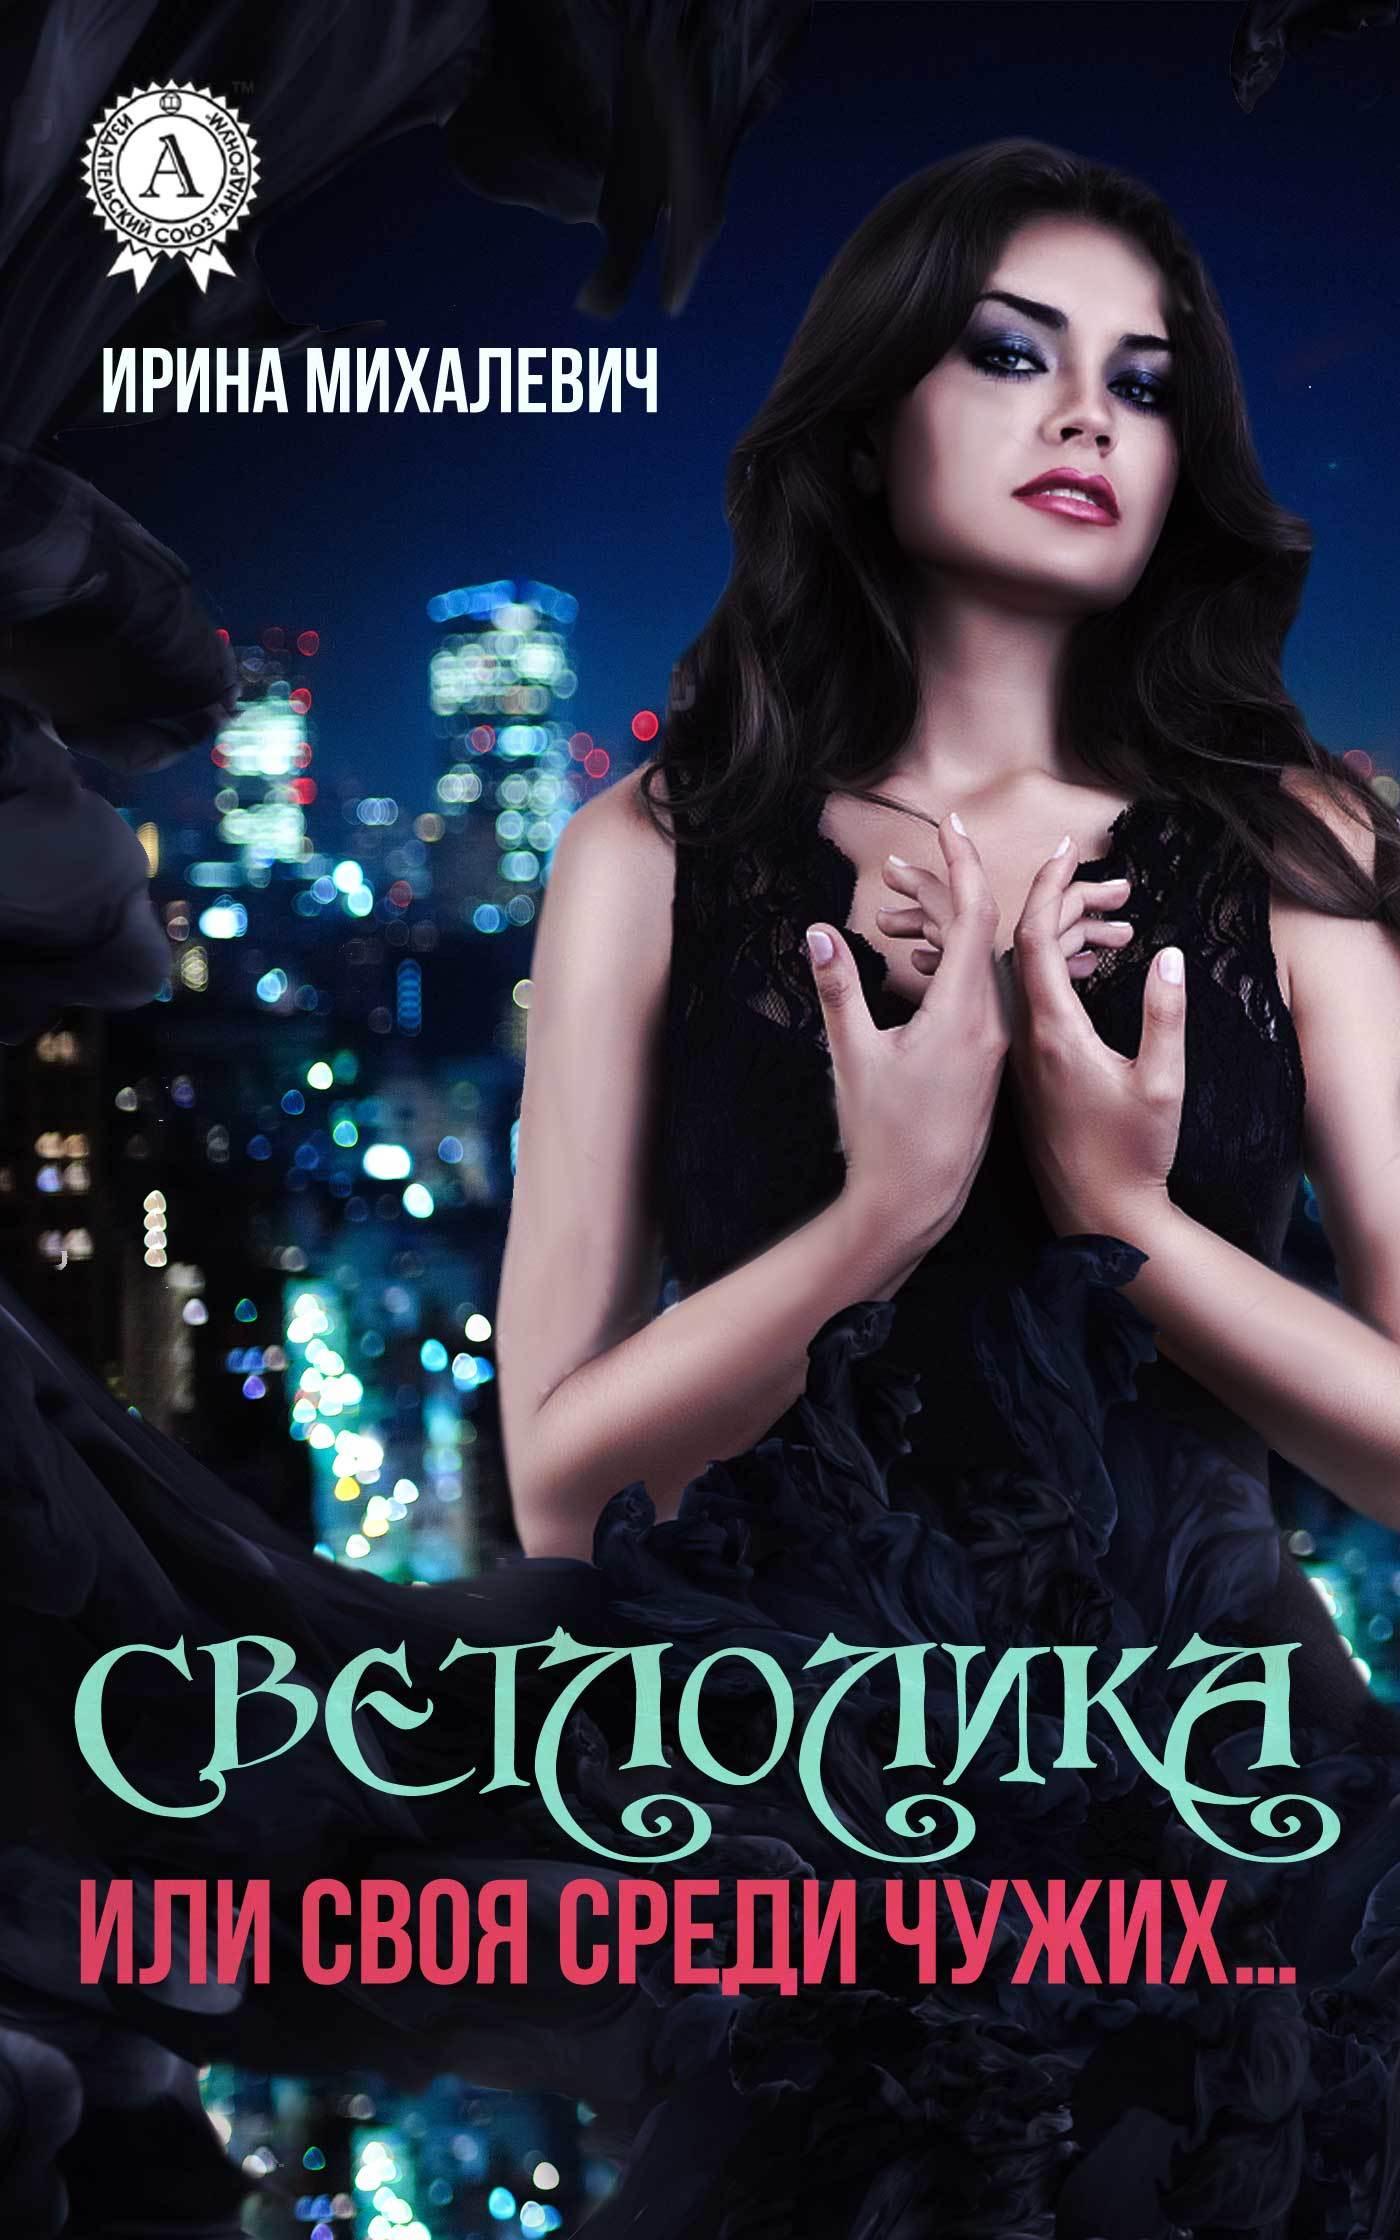 Ирина Михалевич - Светлолика или Своя среди чужих…